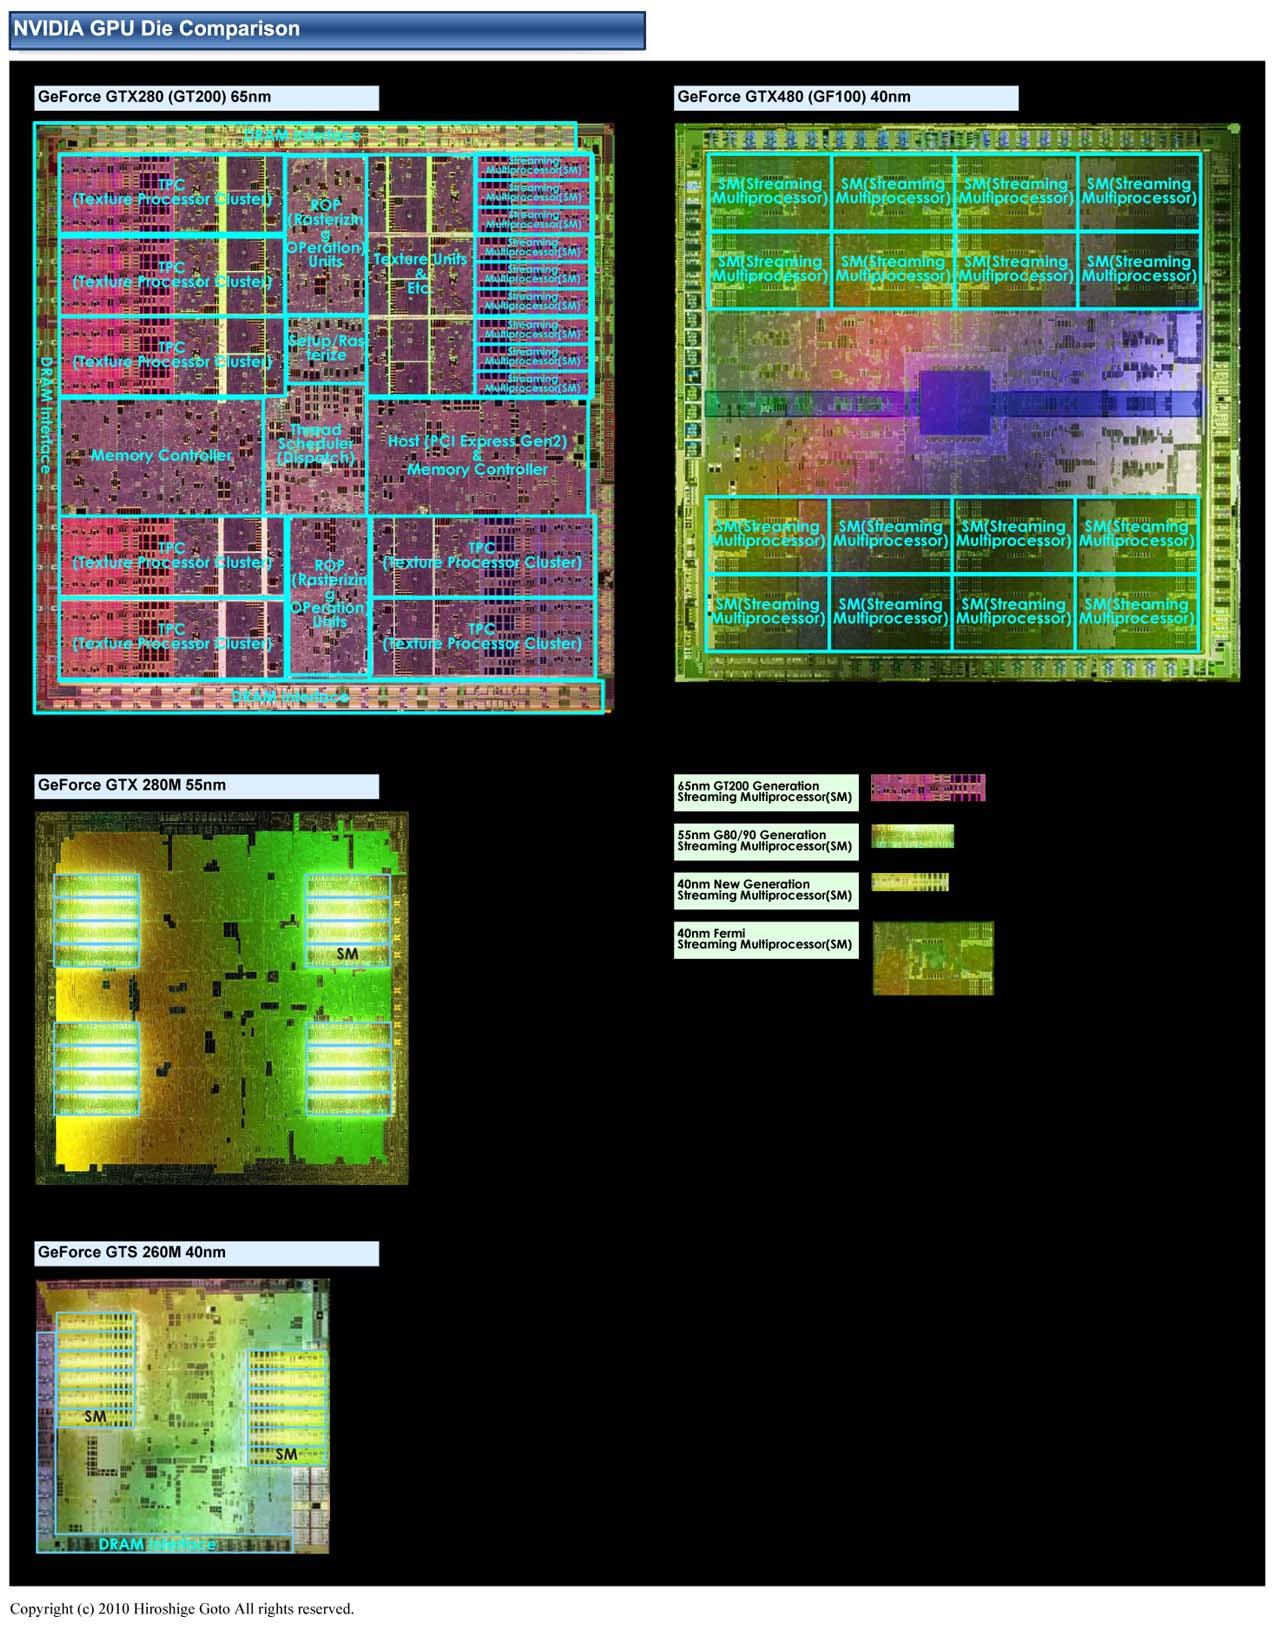 """NVIDIA GPUのダイ比較<br>PDF版は<a ipw_linktype=""""filelink_raw"""" ipw_id=""""651314"""" href=""""/video/pcw/docs/359/423/04p.pdf"""">こちら</a>"""